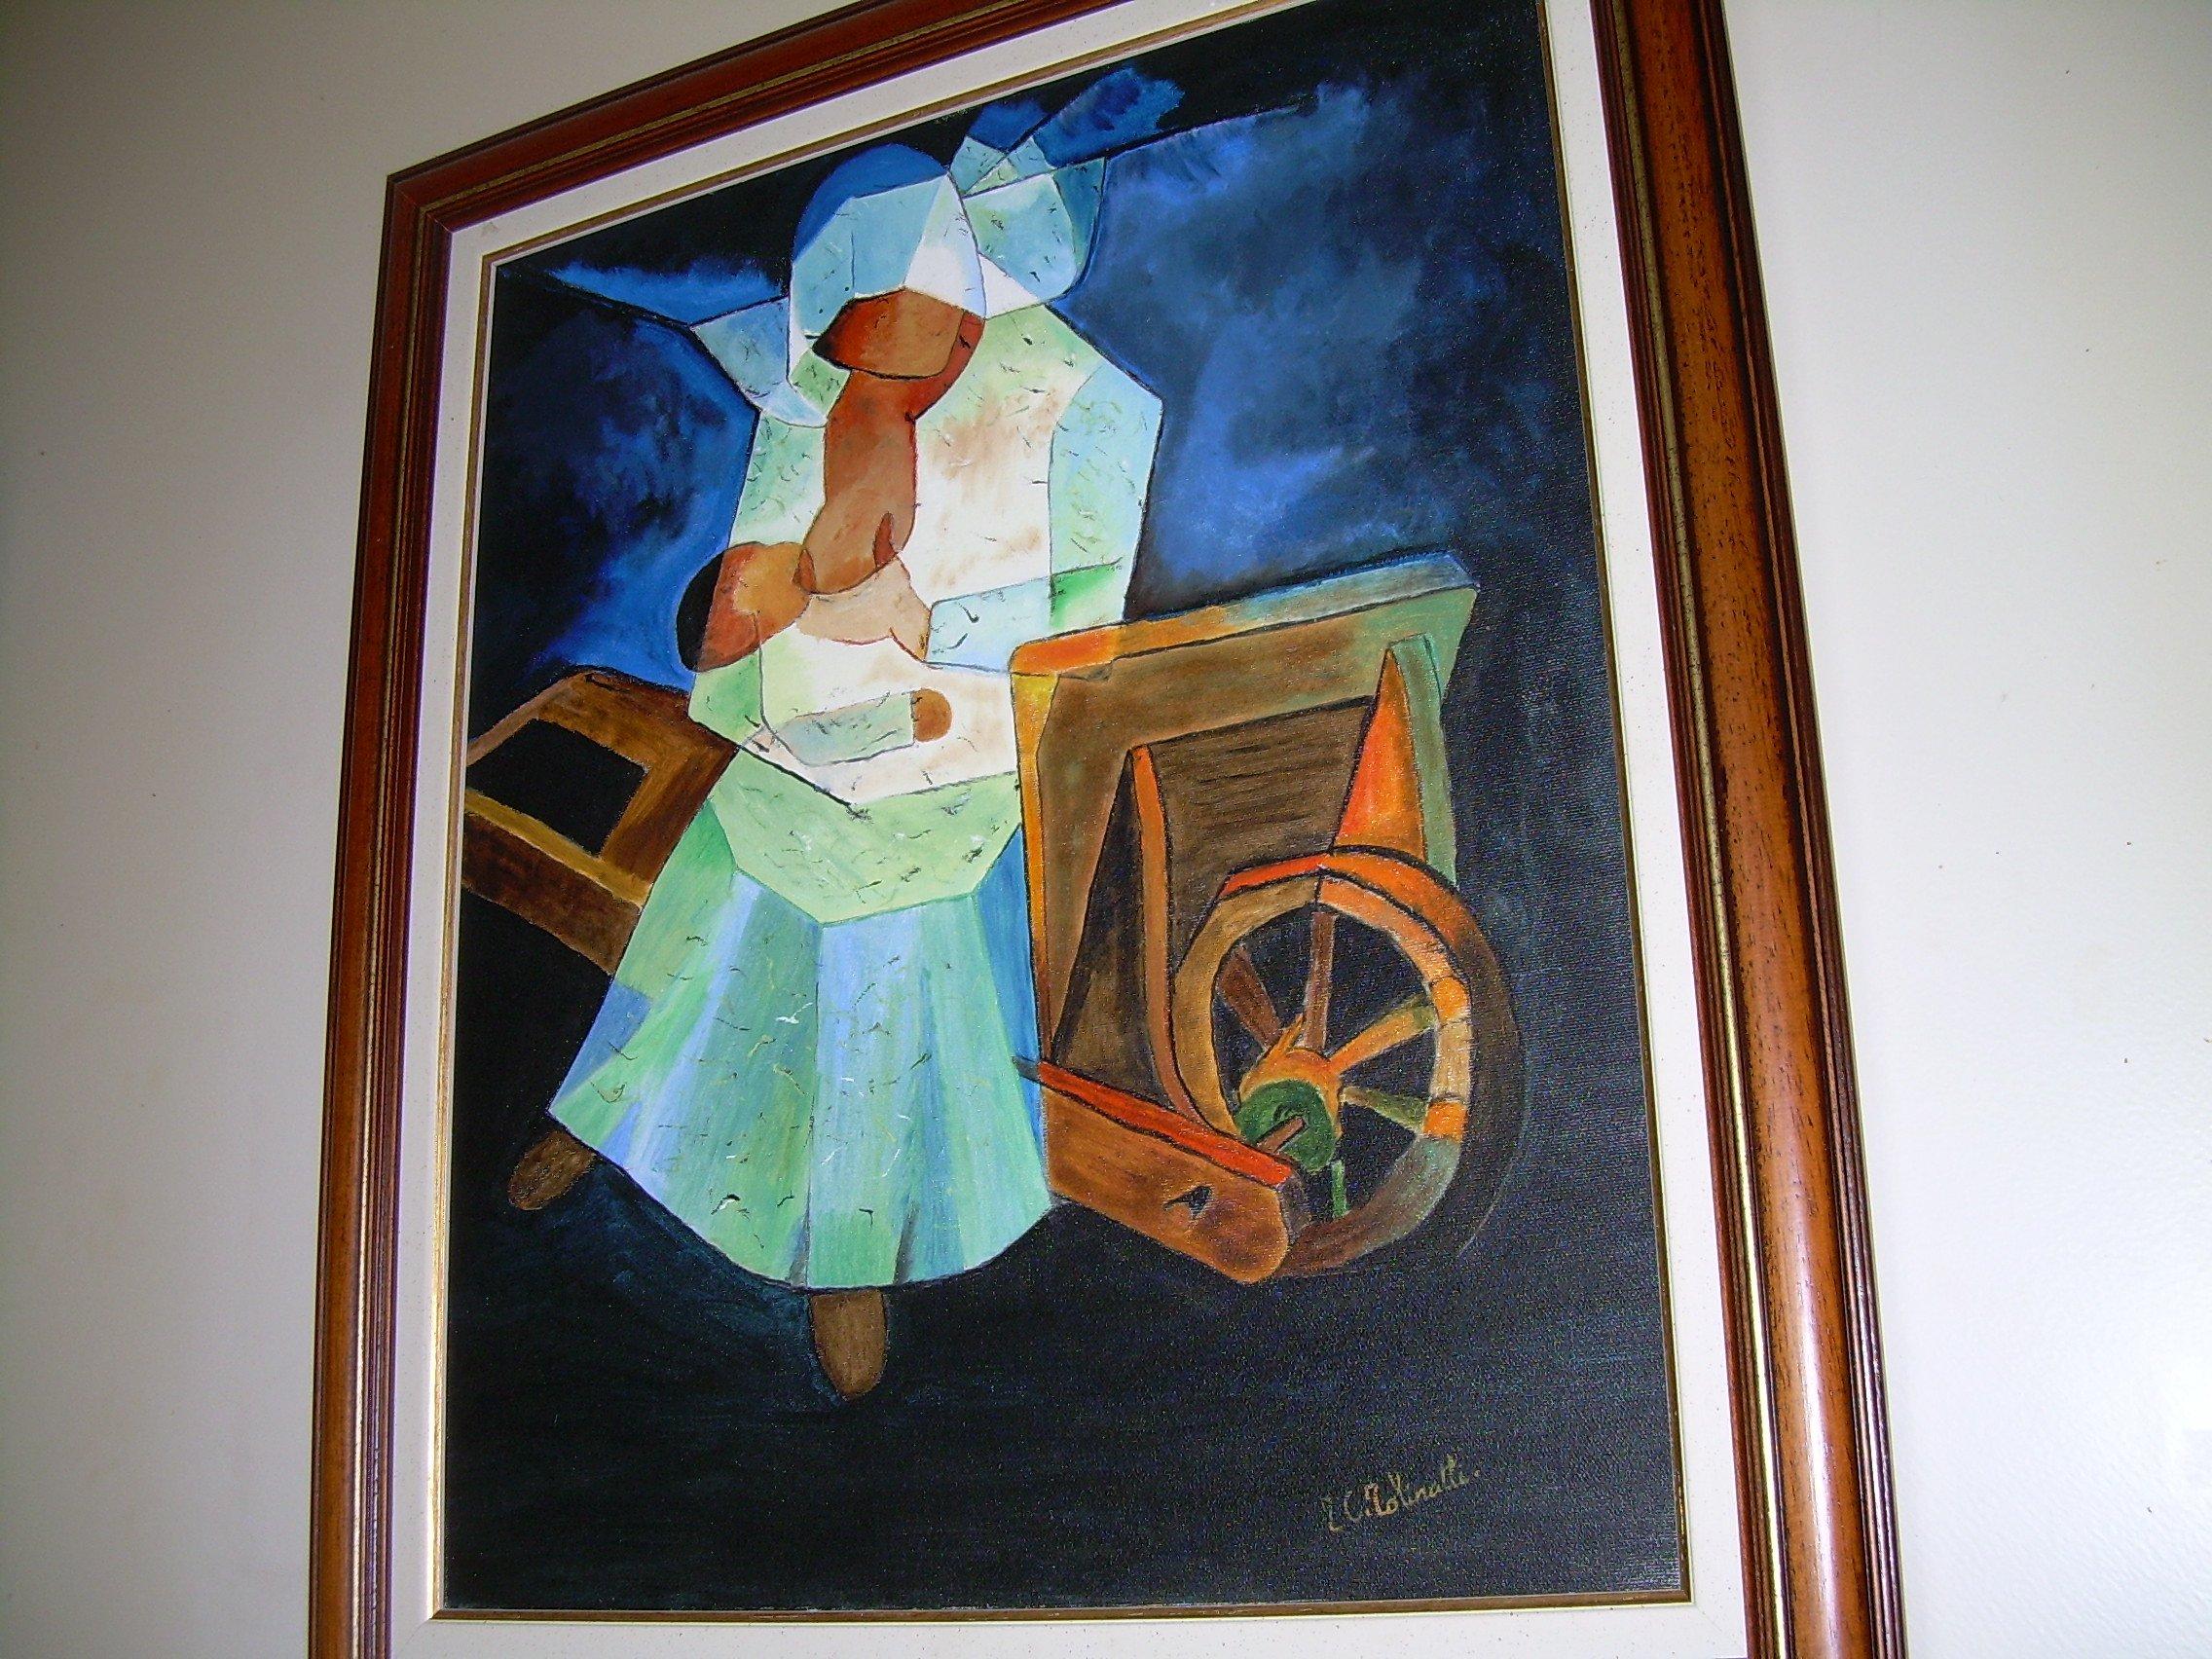 copie de ce peintre que j'adore TOFFOLI et il a une histoire j'attendais la naissance de ma petite fille quand j'ai vu la litho en rentant dans les ardennes je l'ai reproduit